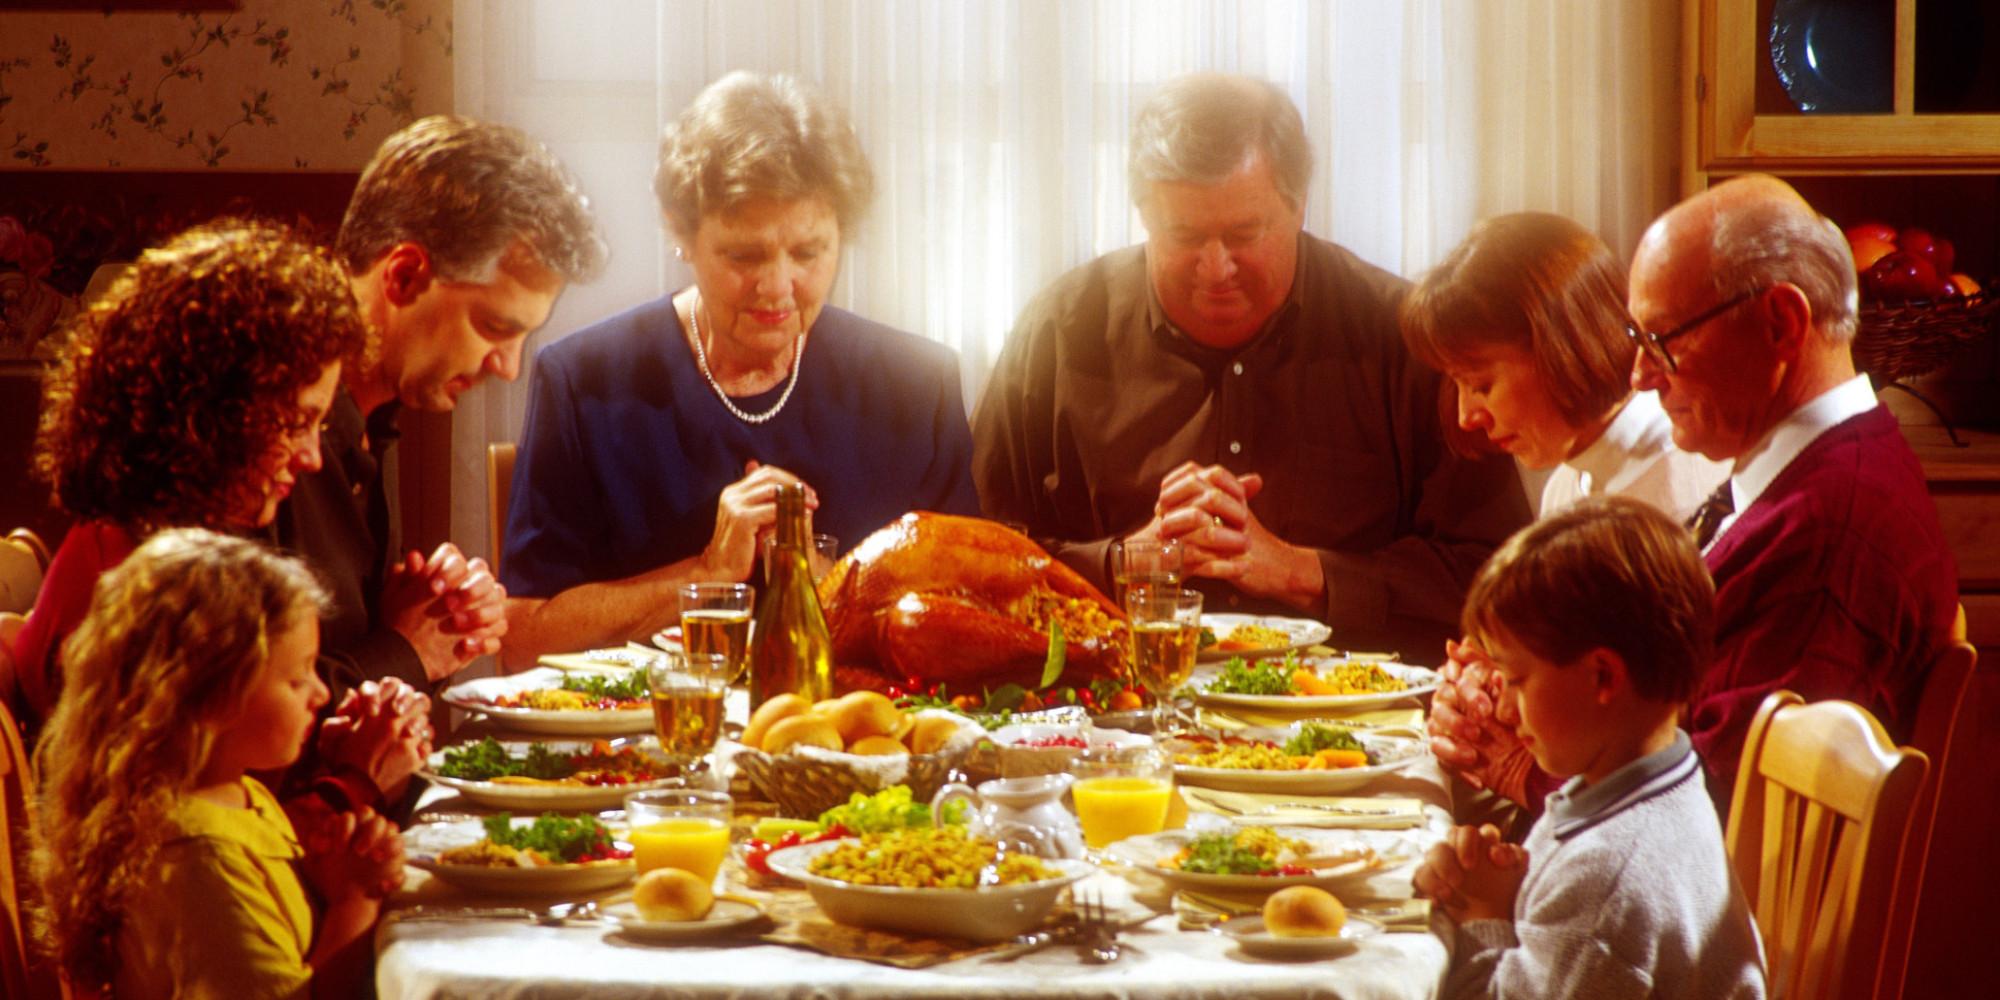 Día de acción de gracias en EEUU - mesa con comida - familia y oración